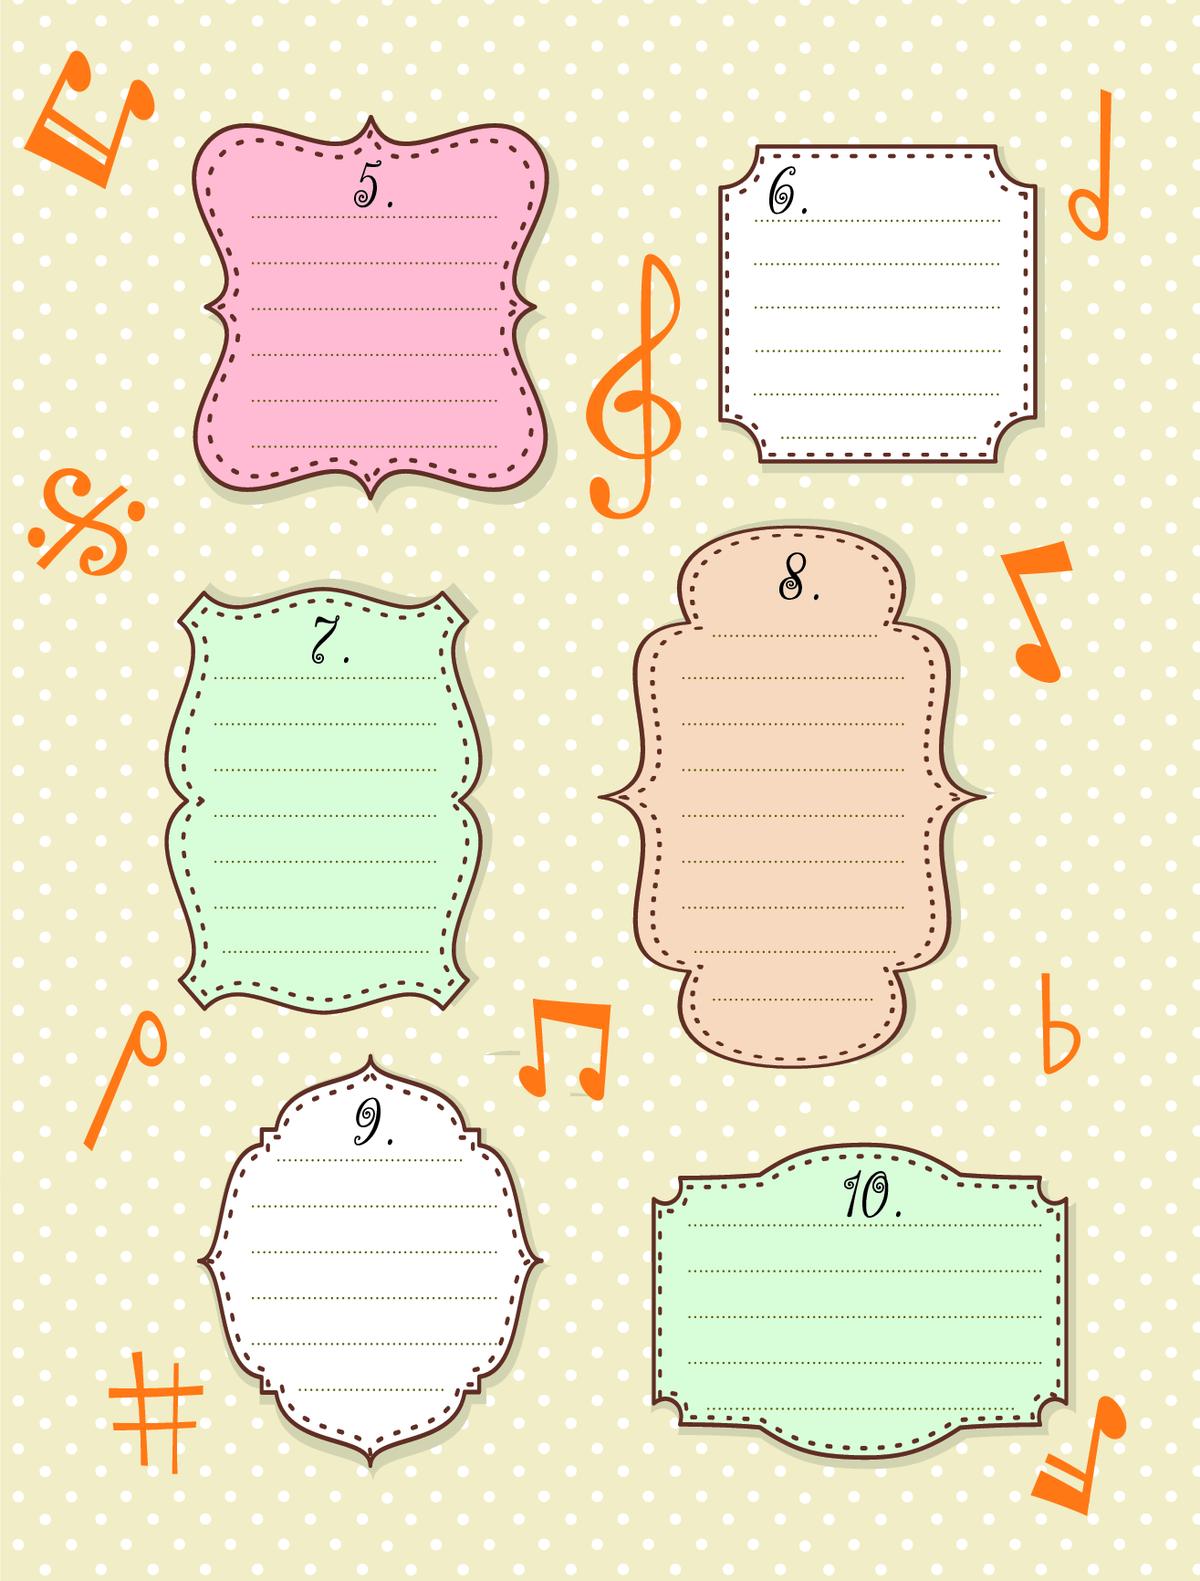 популярные картинки в личный дневник идеи